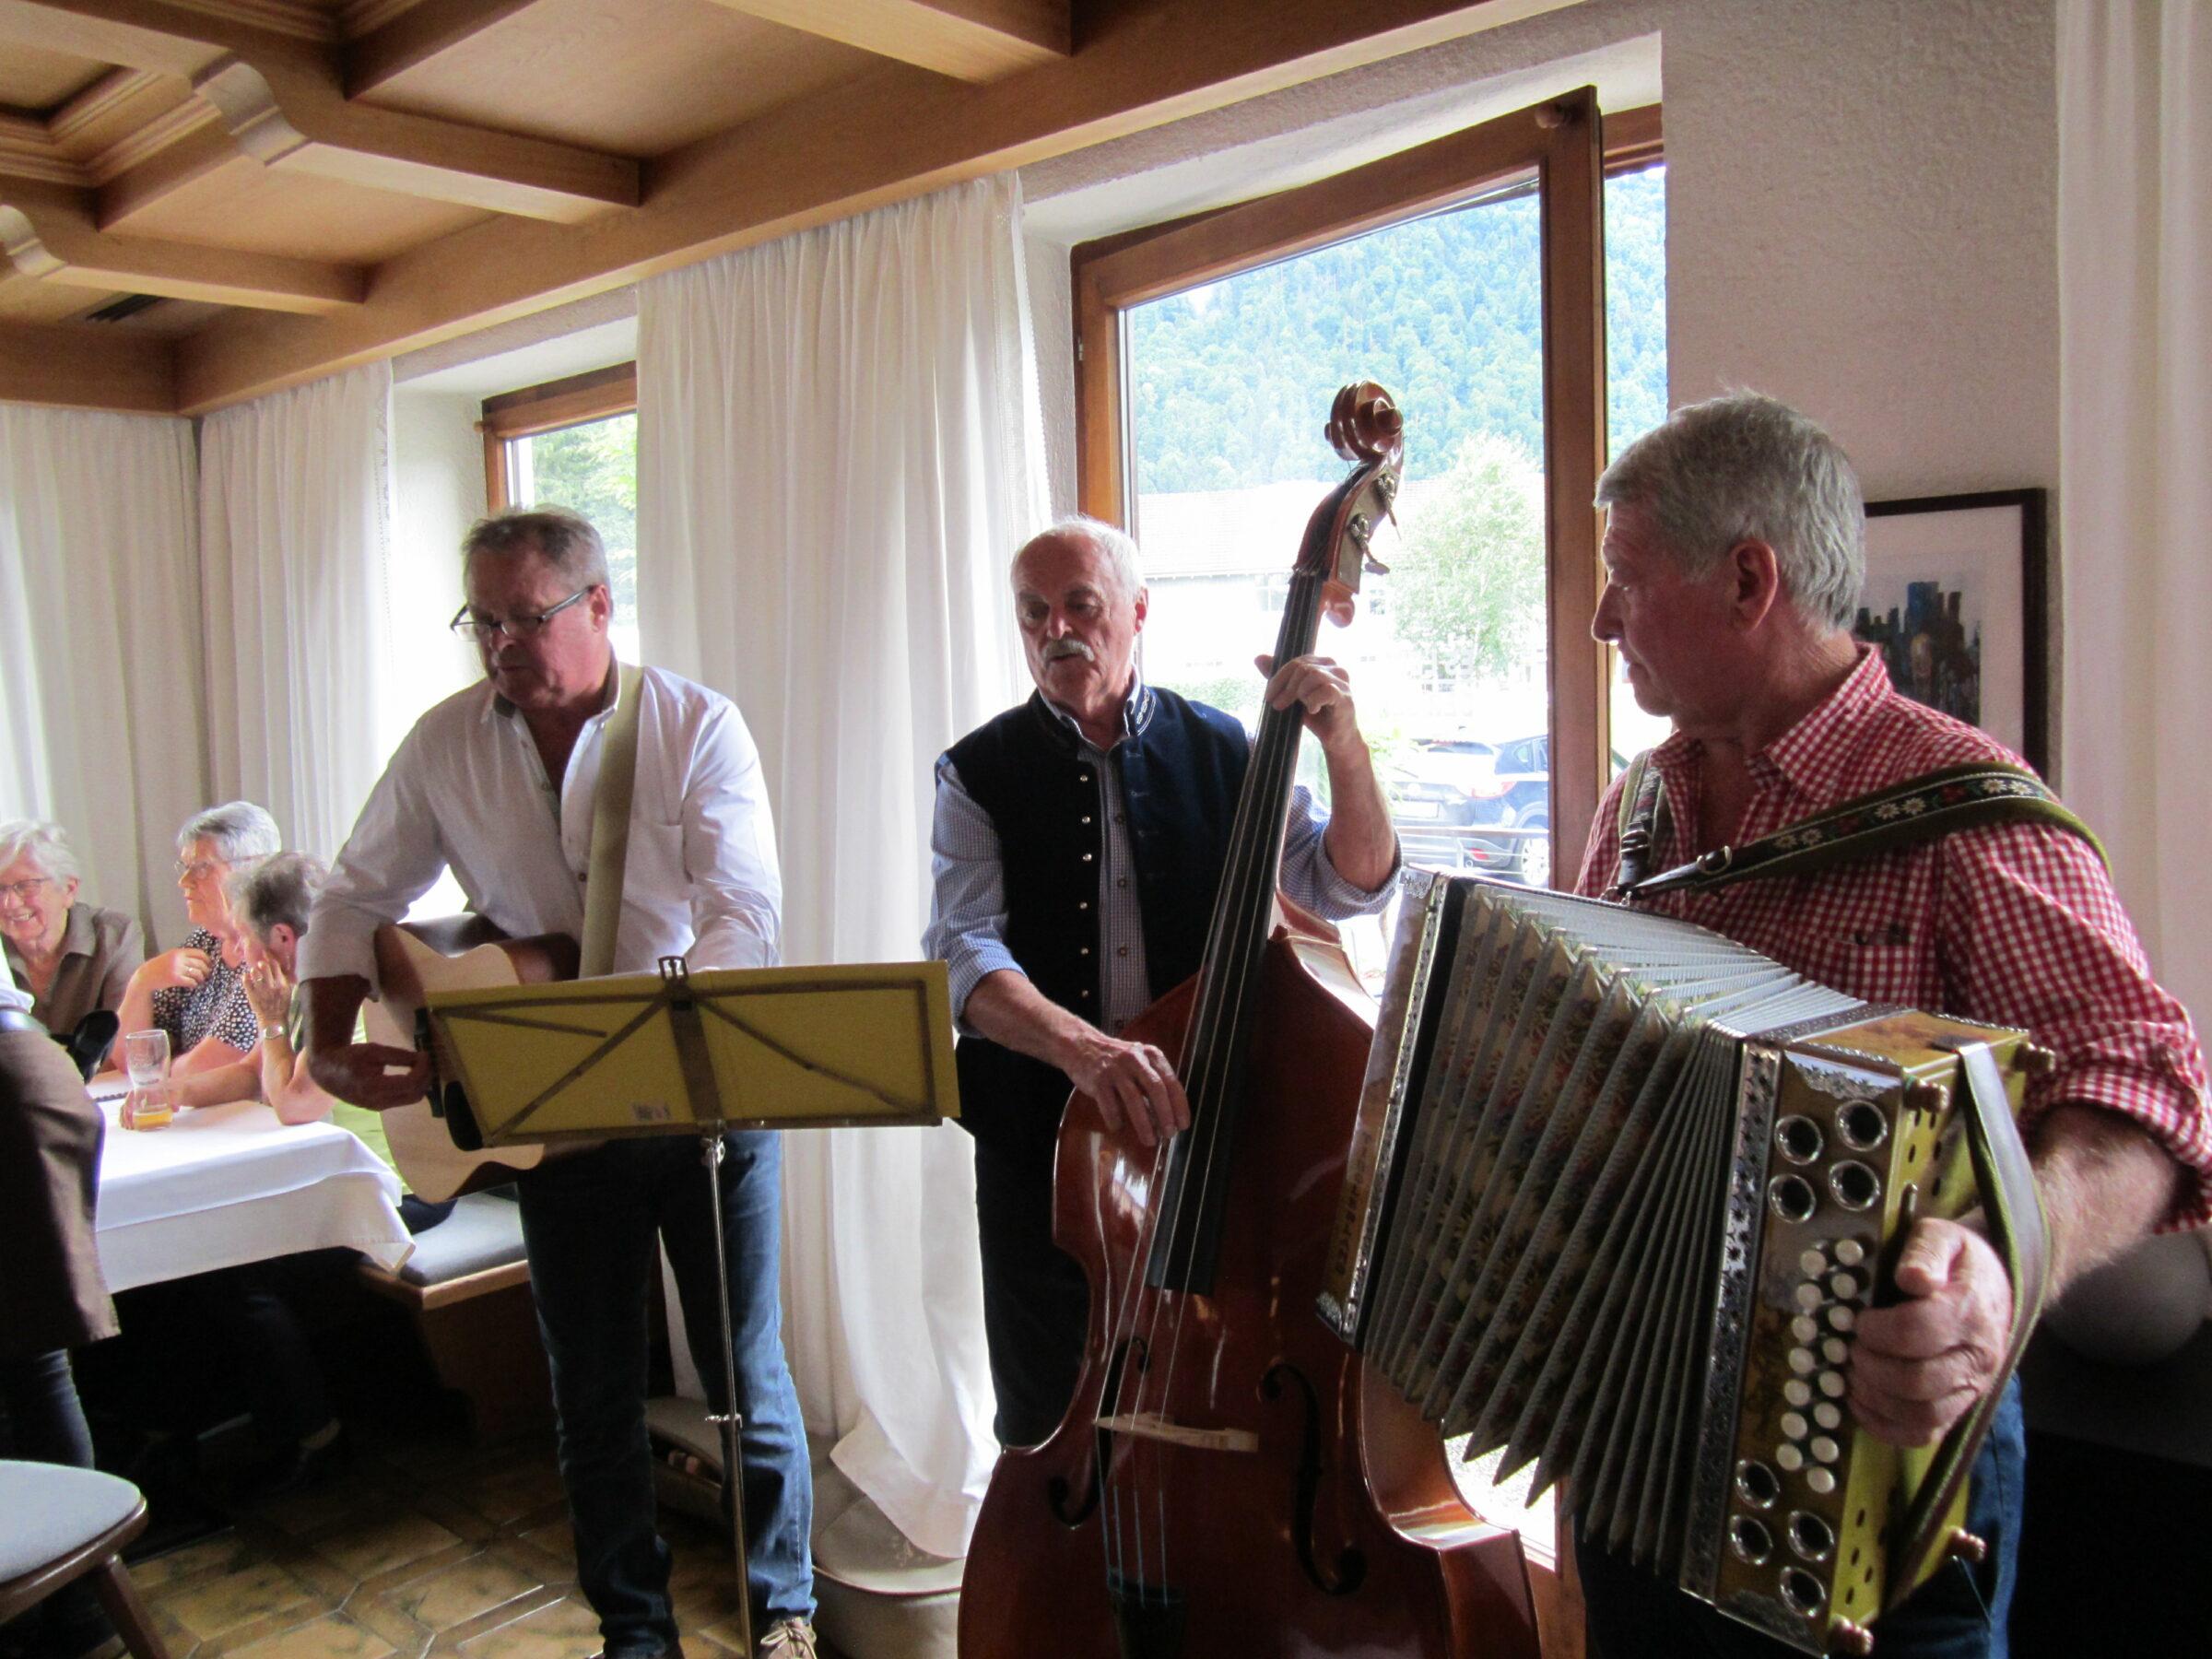 Musik- und Singnachmittag im Gasthof Löwen am 13.07.2021